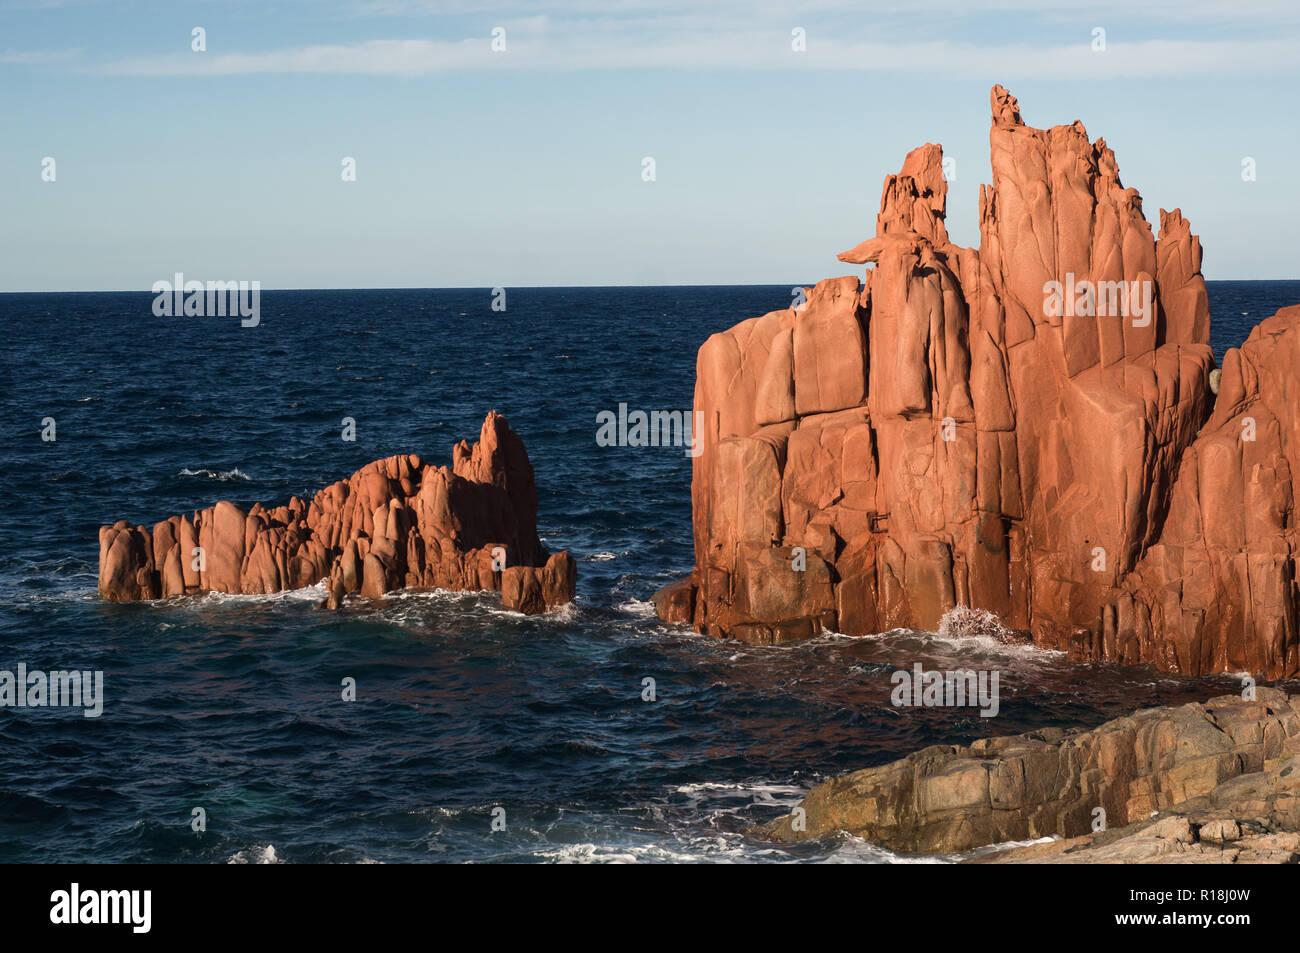 Red rocks of Arbatax, Sardinia - Stock Image